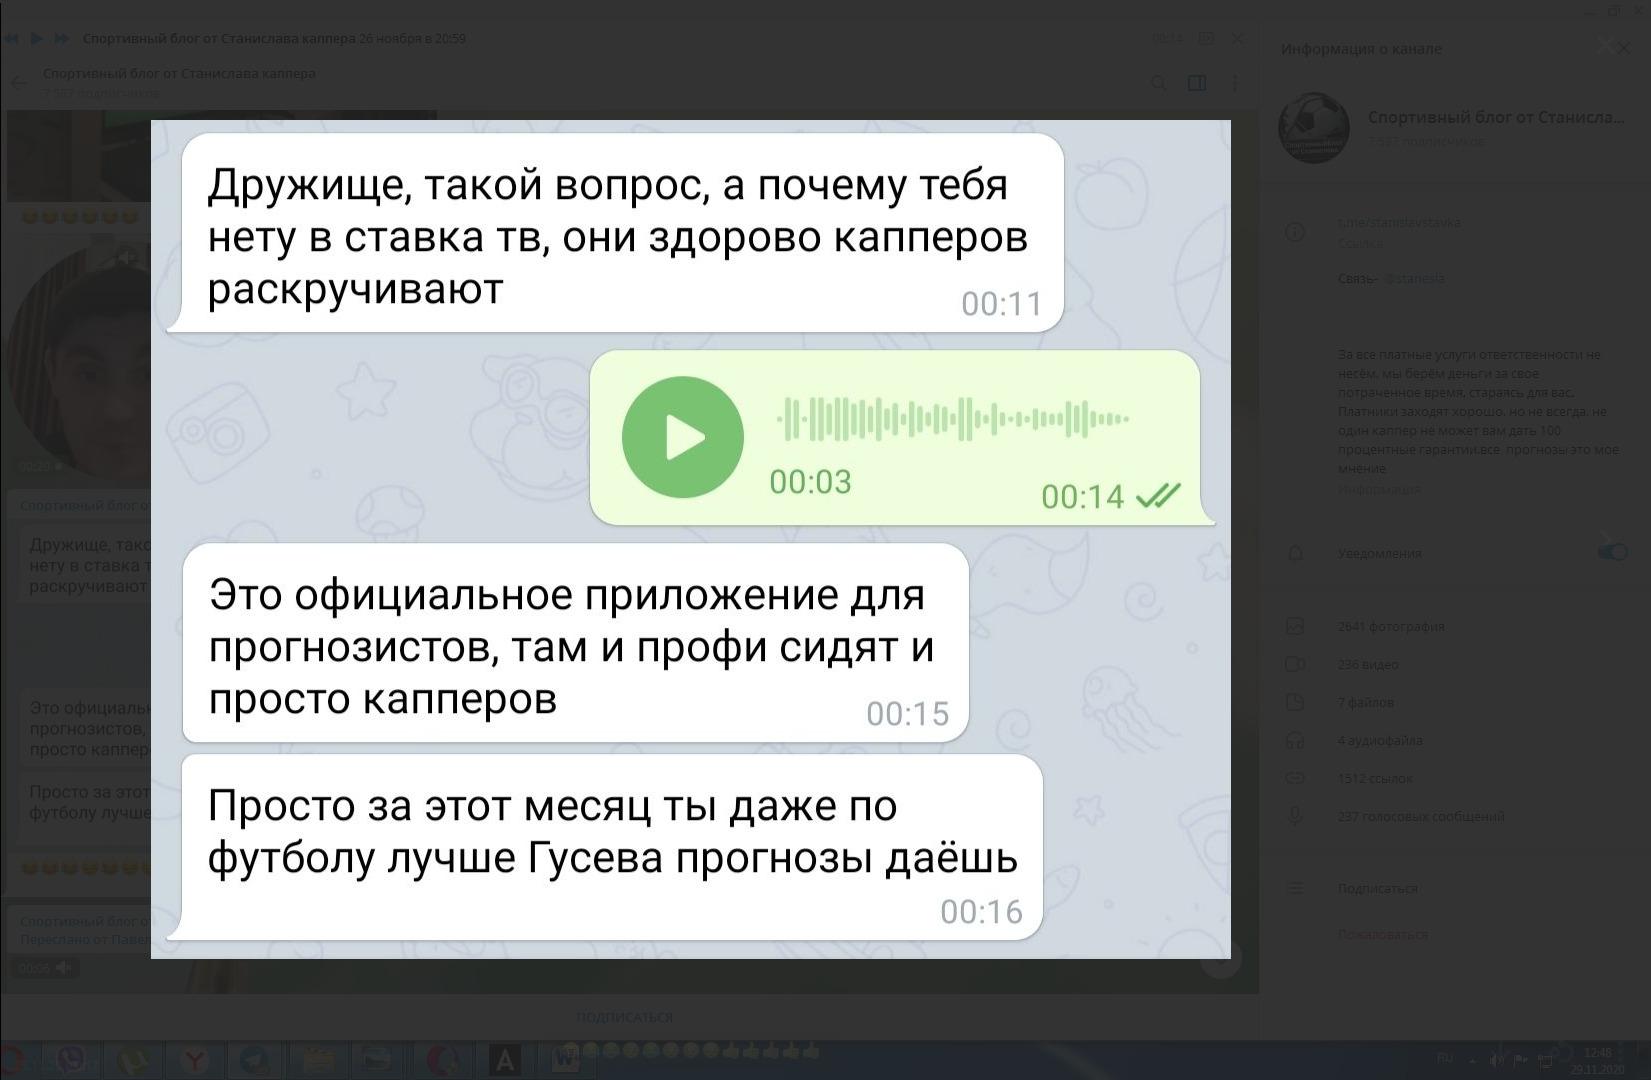 Скриншот переписки с пользователем